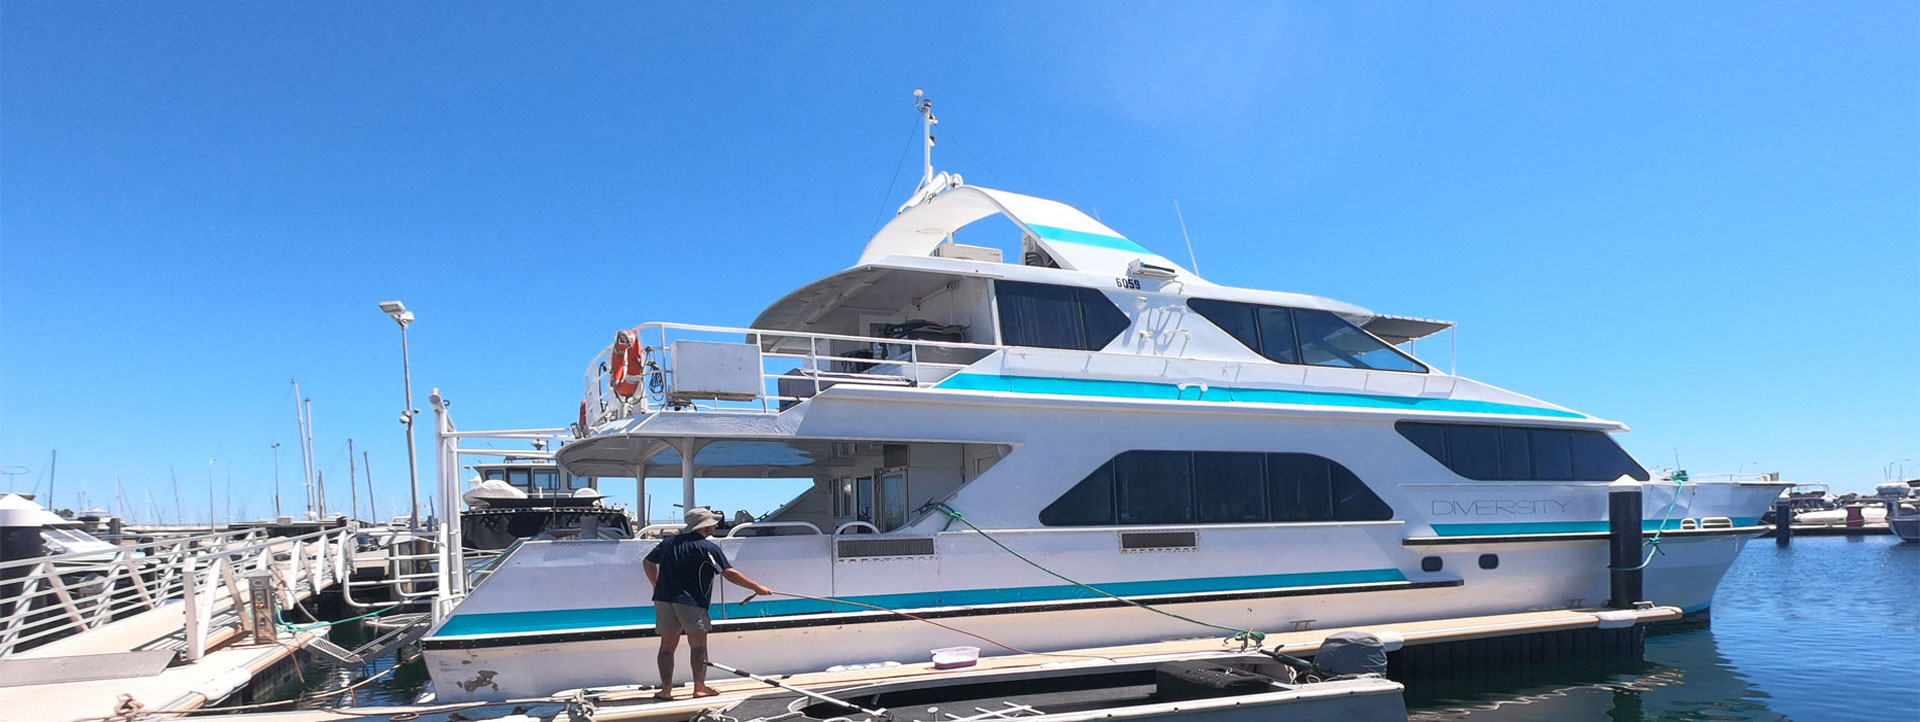 DIVERSITY-II-Kimberley-cruises-side-profile